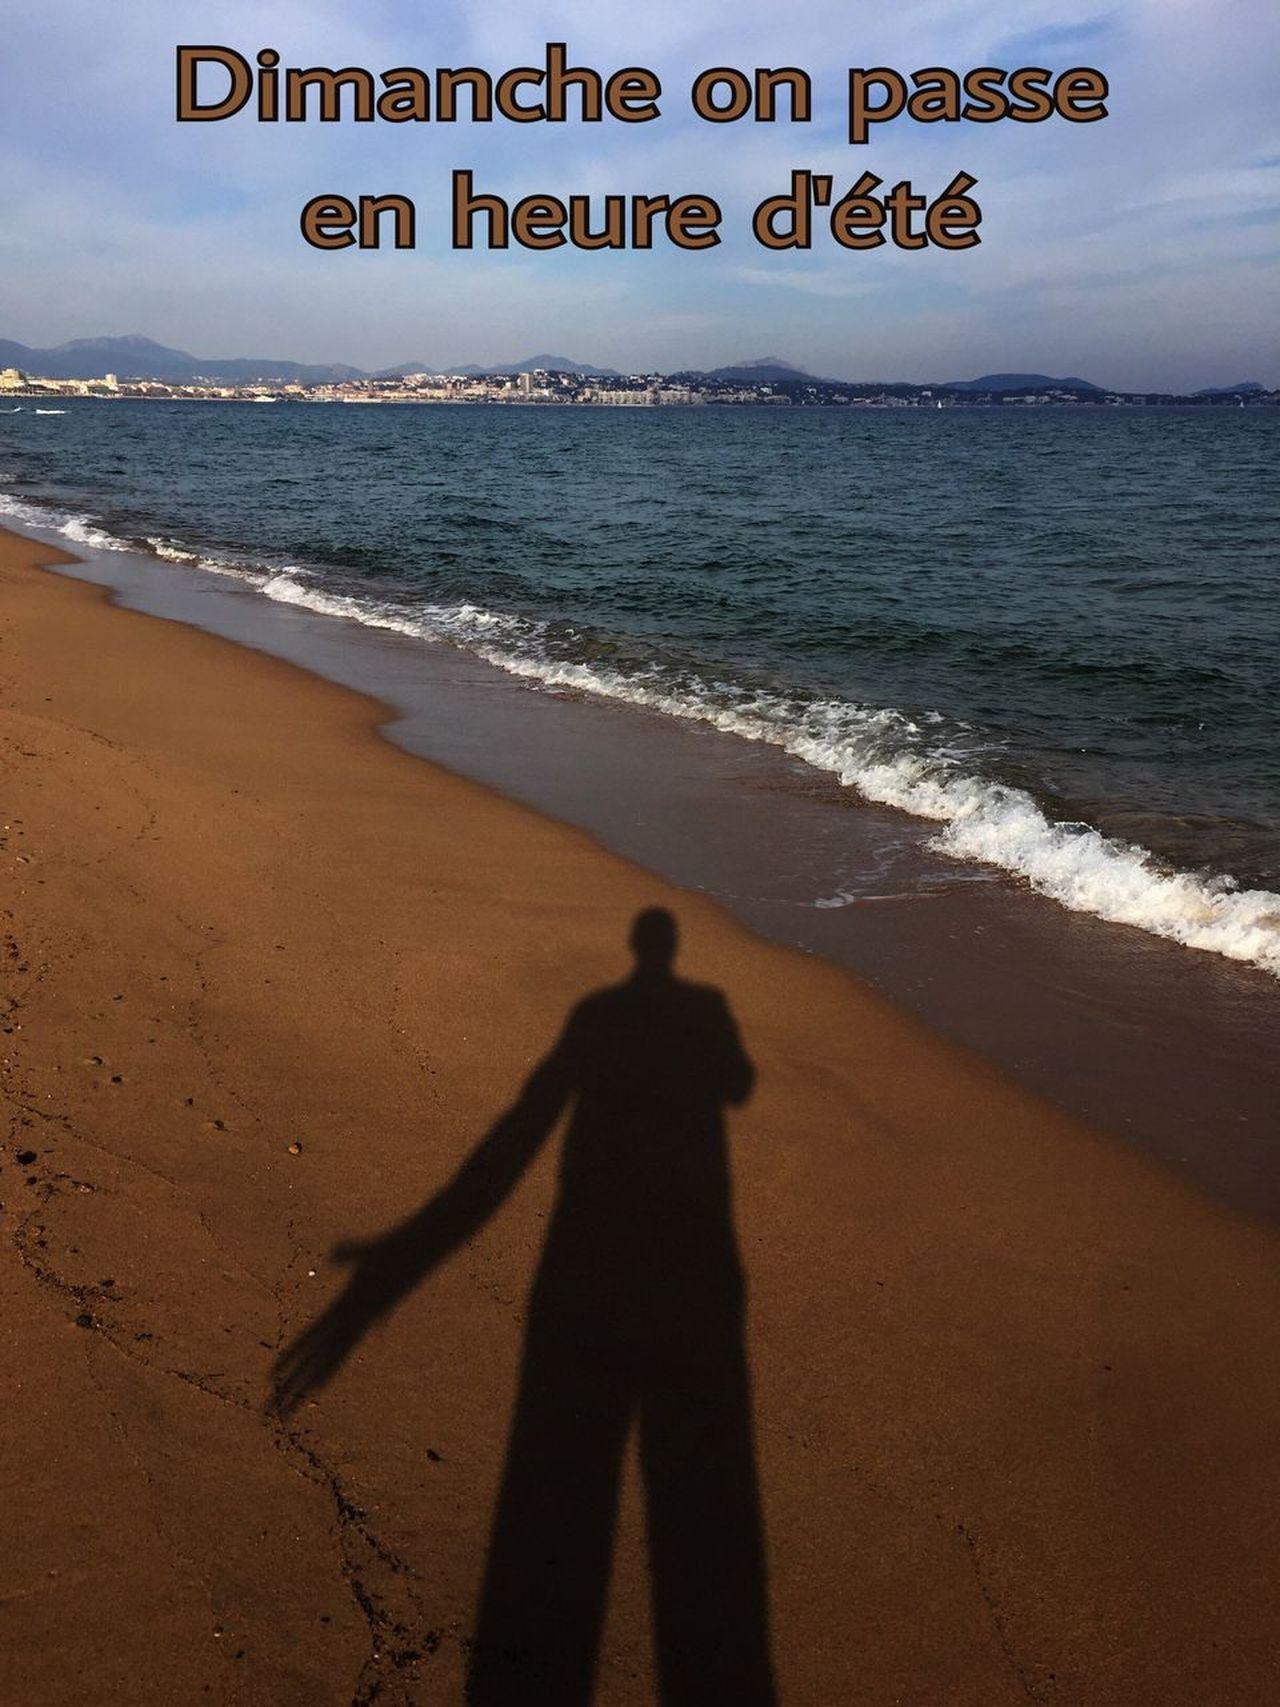 Heure D'été Sea Beach Ombre Water Mer Mediterranée Côte D'Azur Bord De Mer Au Bord De Mer Méditerranée Ciel Et Nuages